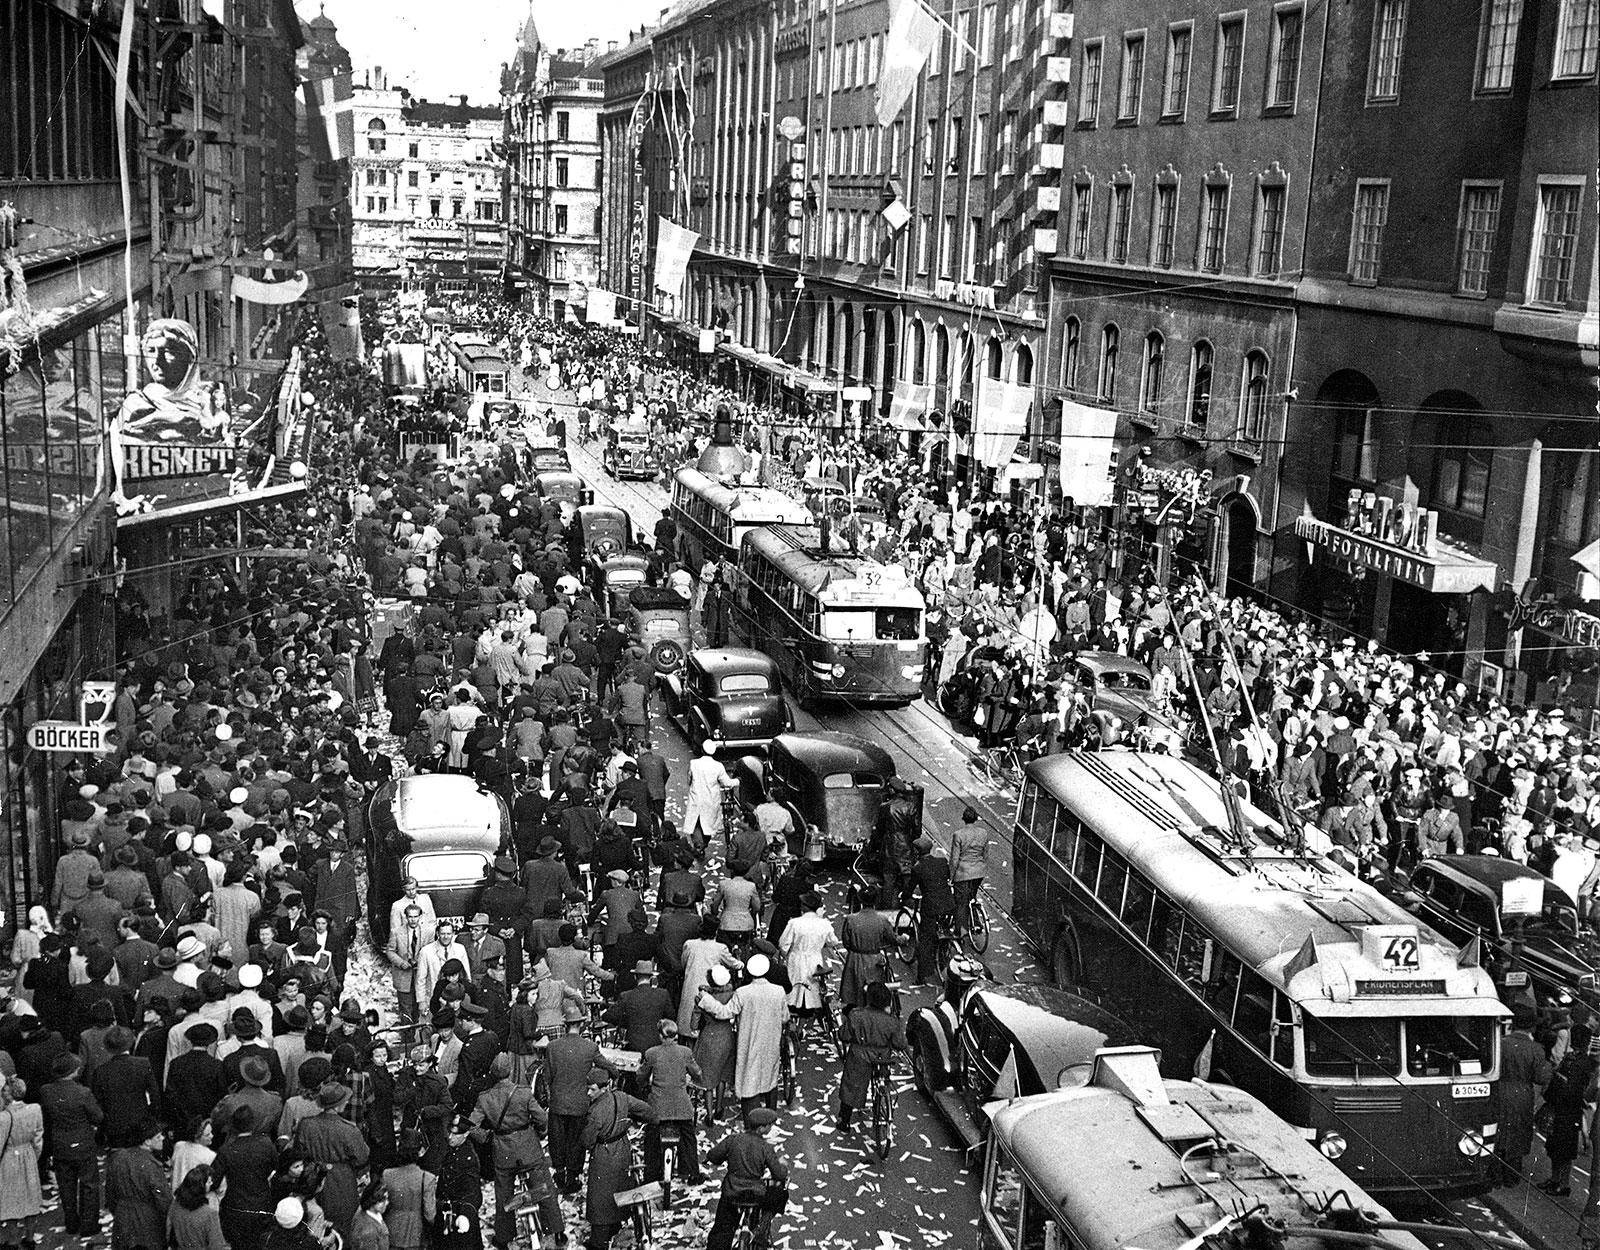 Fred! Runt 10 000 människor firar krigsslutet. Kungsgatan, Stockholm, 1945. Foto: AFTONBLADET